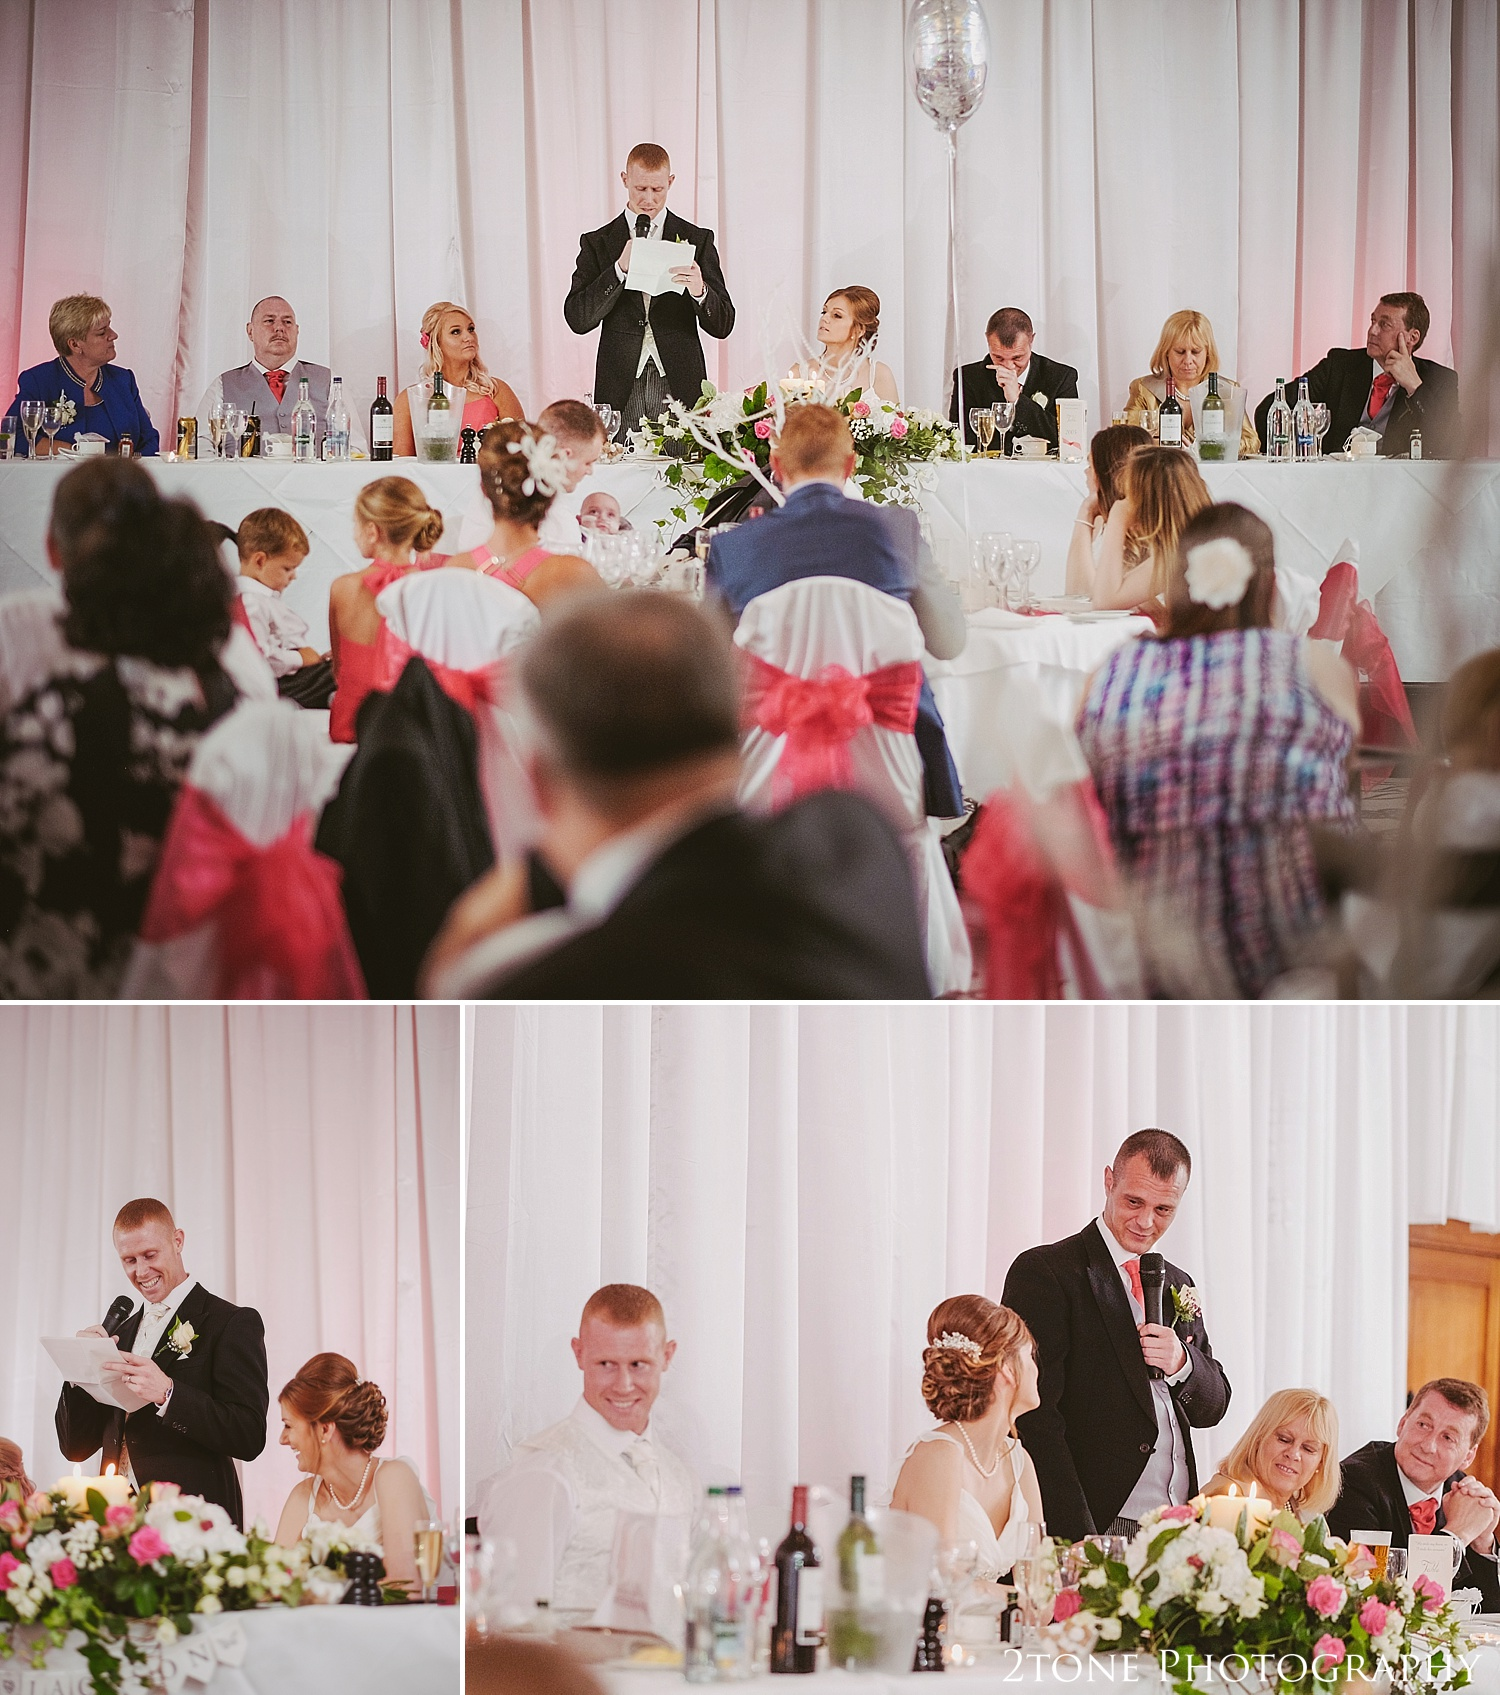 Wedding speeches.  Slaley Hall wedding photography by wedding photographers 2tone Photography.  www.2tonephotography.co.uk